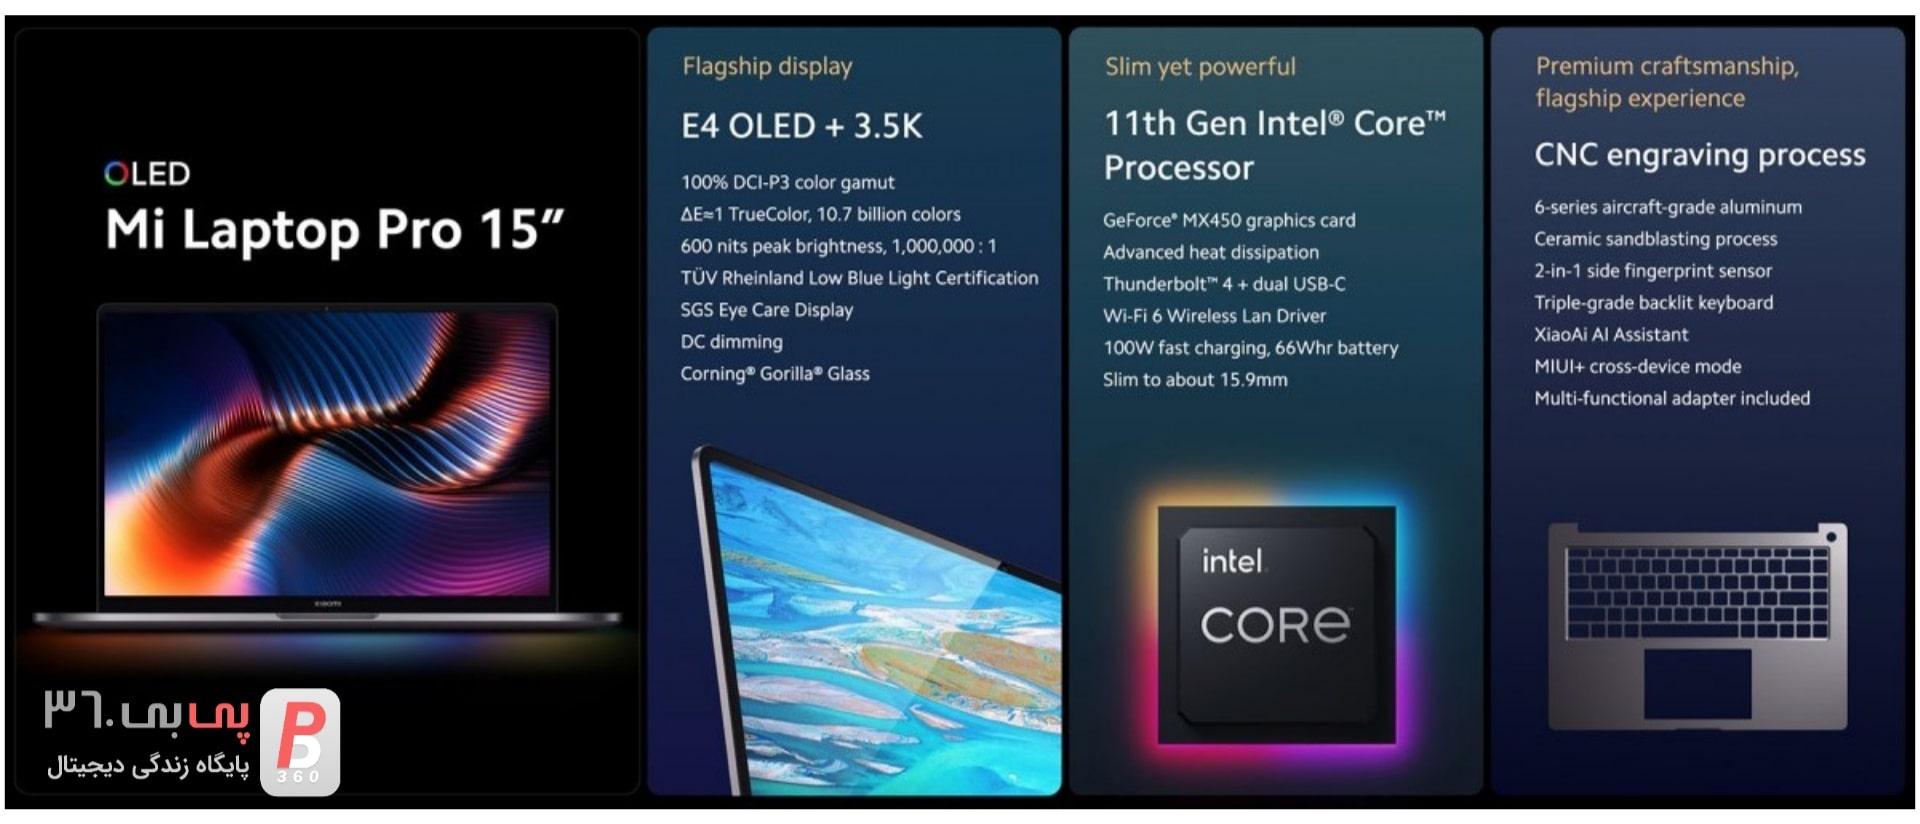 قیمت می لپ تاپ پرو